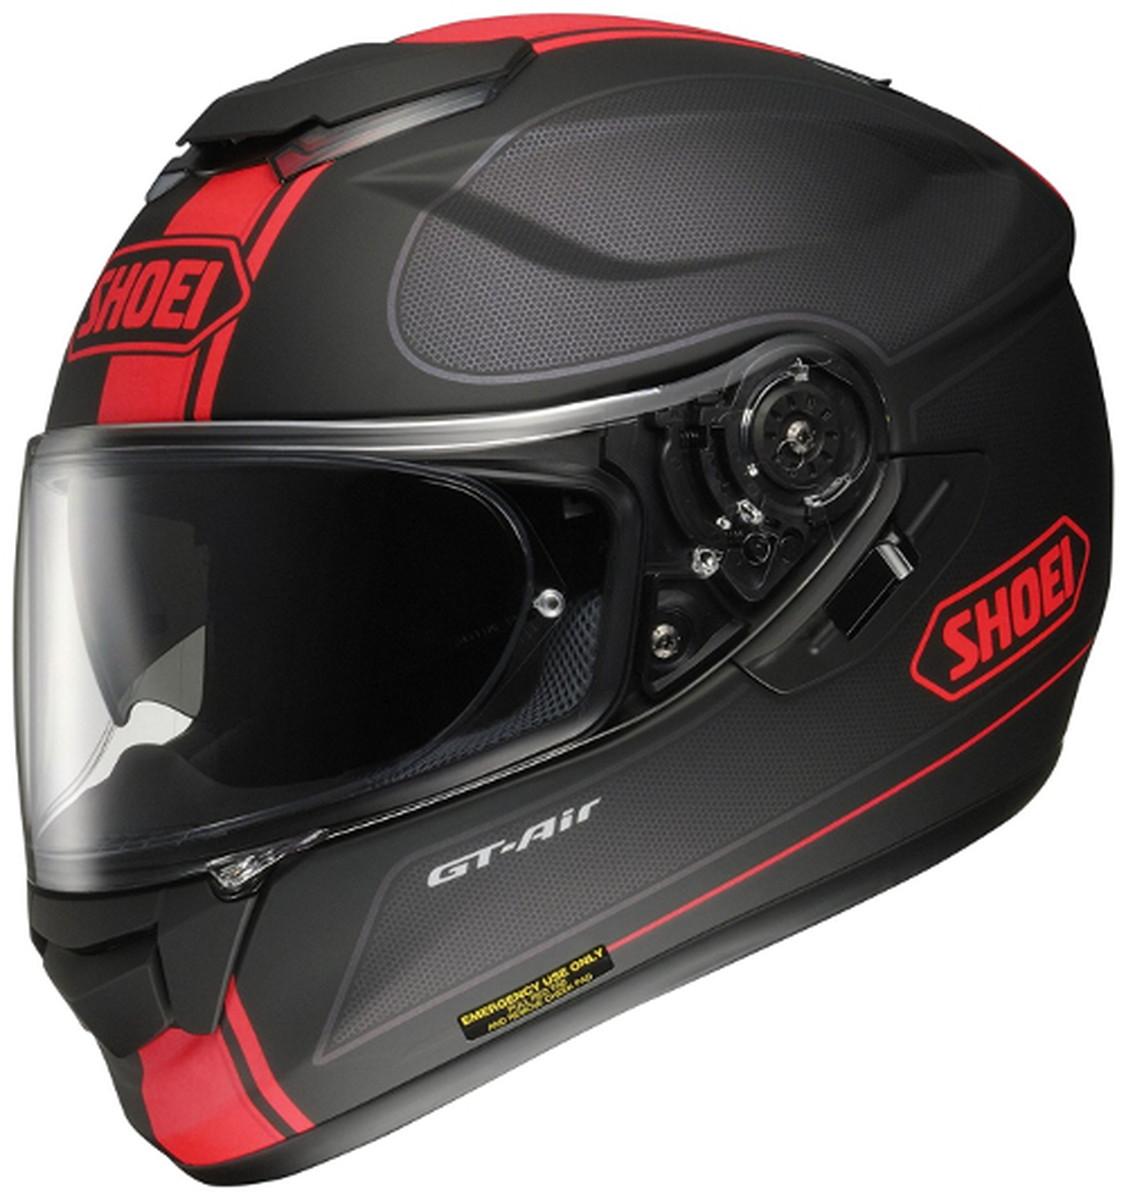 【動画あり】 SHOEI フルフェイスヘルメット GT-AIR WANDERER (ワンダラー) TC-1 Lサイズ